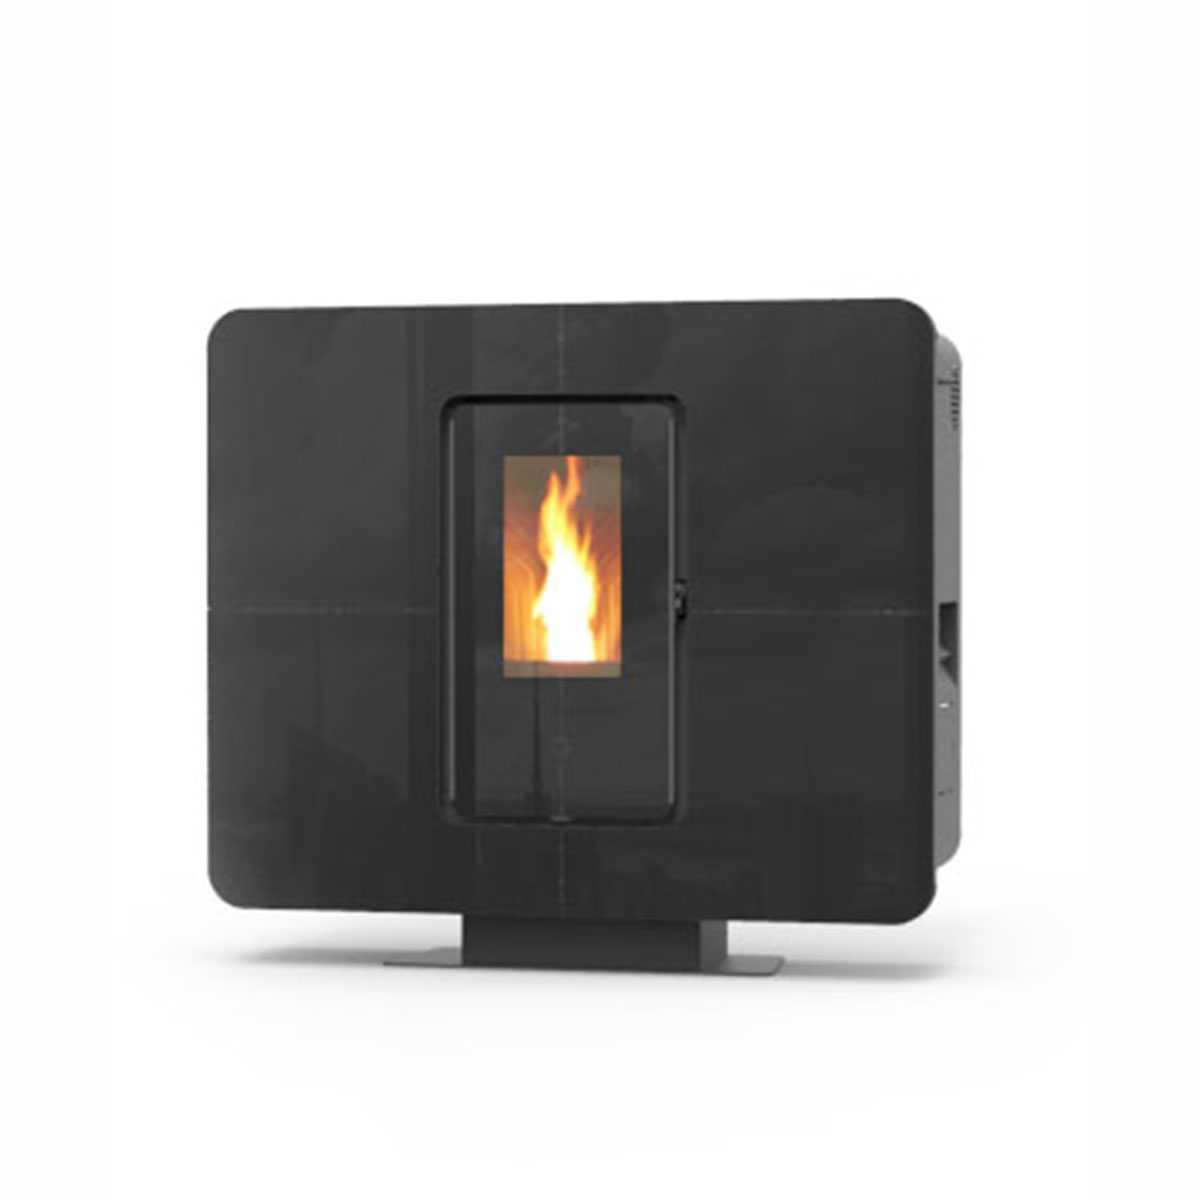 Stufa a pellet canalizzabile by Thermorossi modello 'SlimQuadro 11 Cristallo' nera 11,4 kW con display LCD integrato